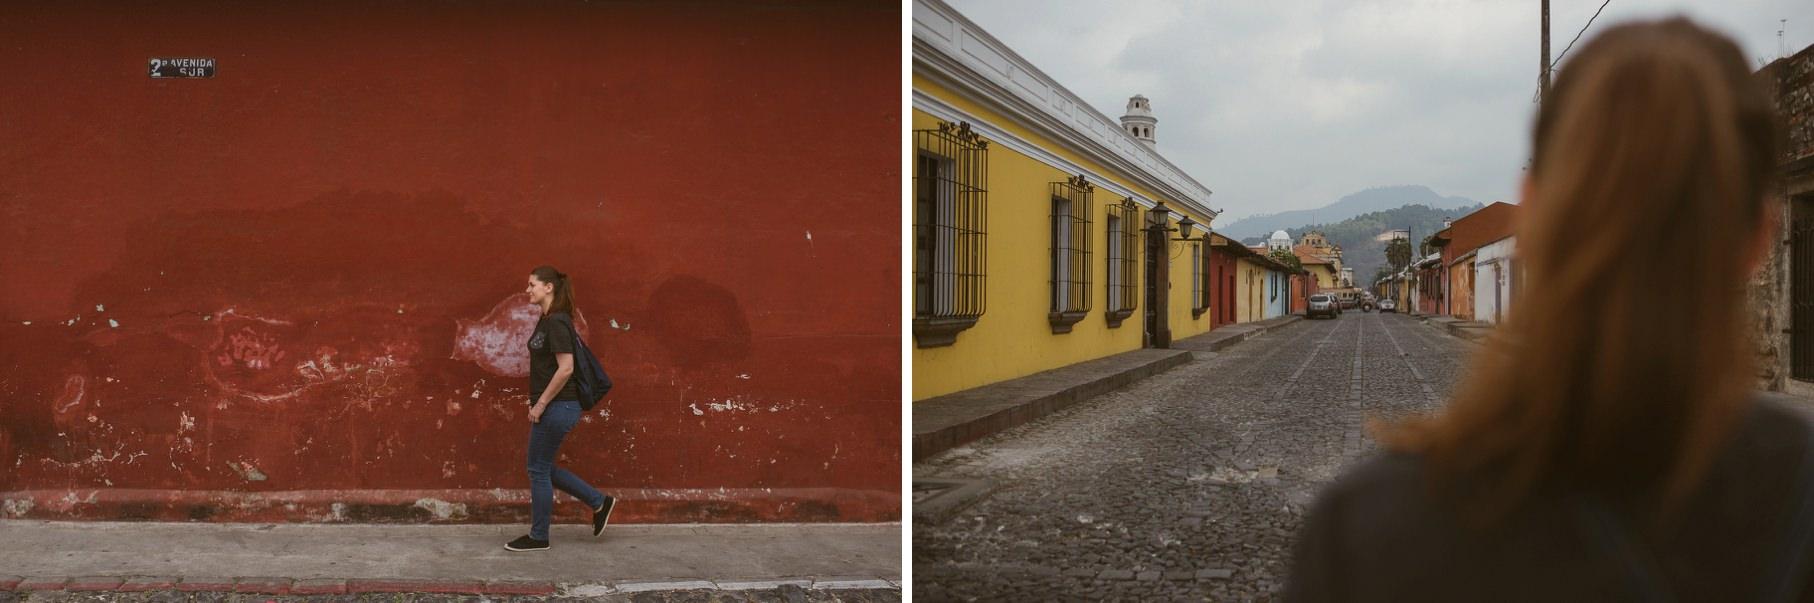 0003 anne und bjoern guatemala 811 2211 - 4 Wochen durch Guatemala - backpacking durch Mittelamerika